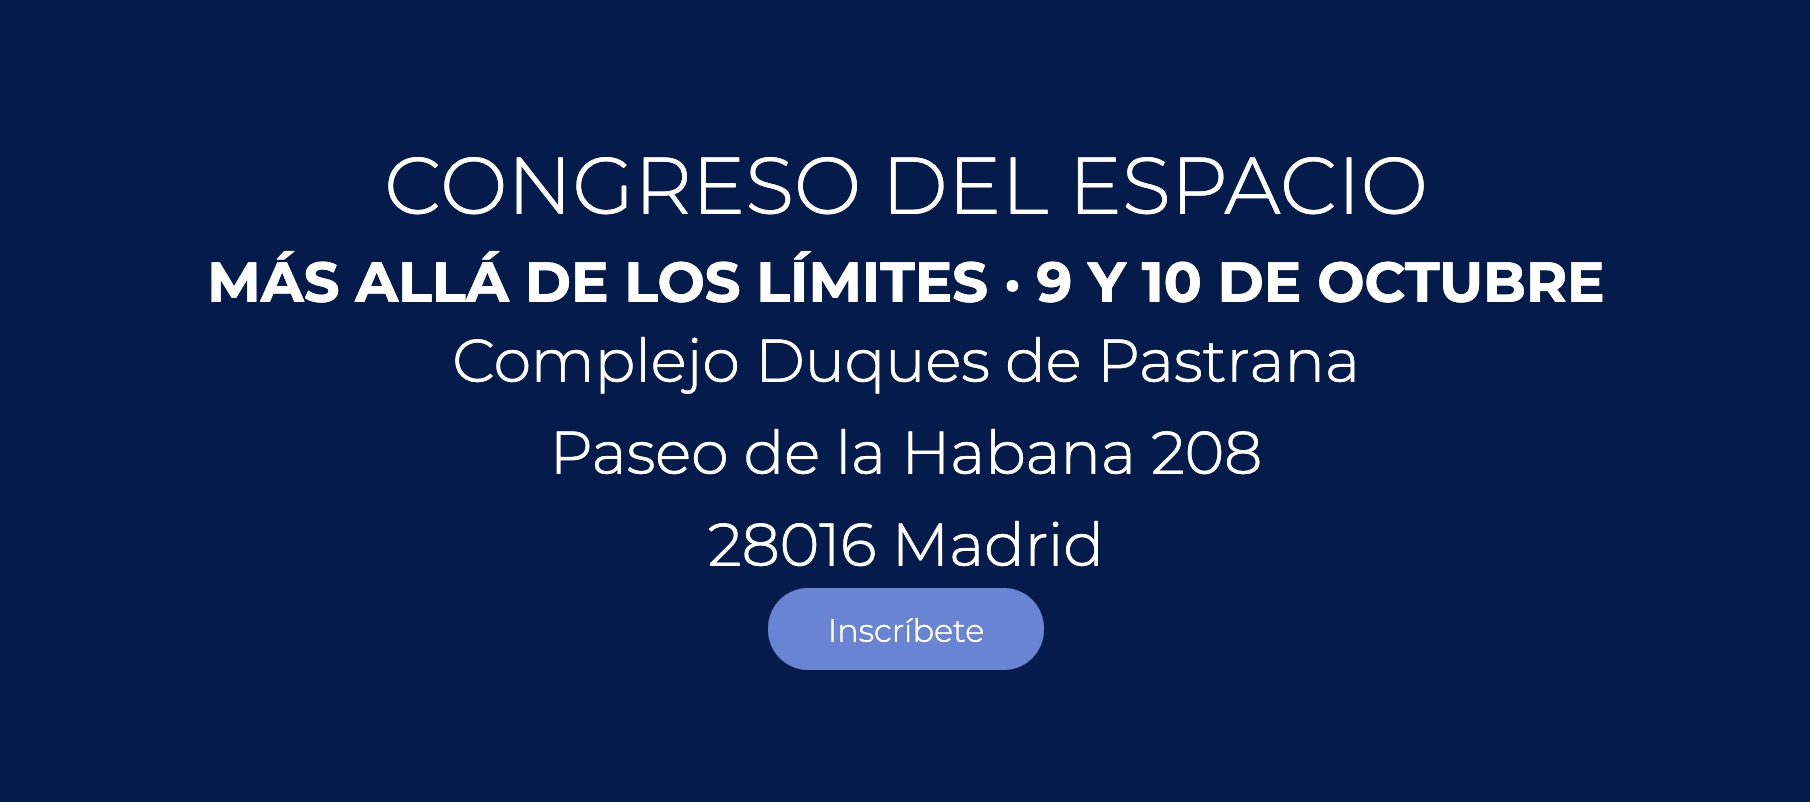 Congreso del Espacio, Madrid, España